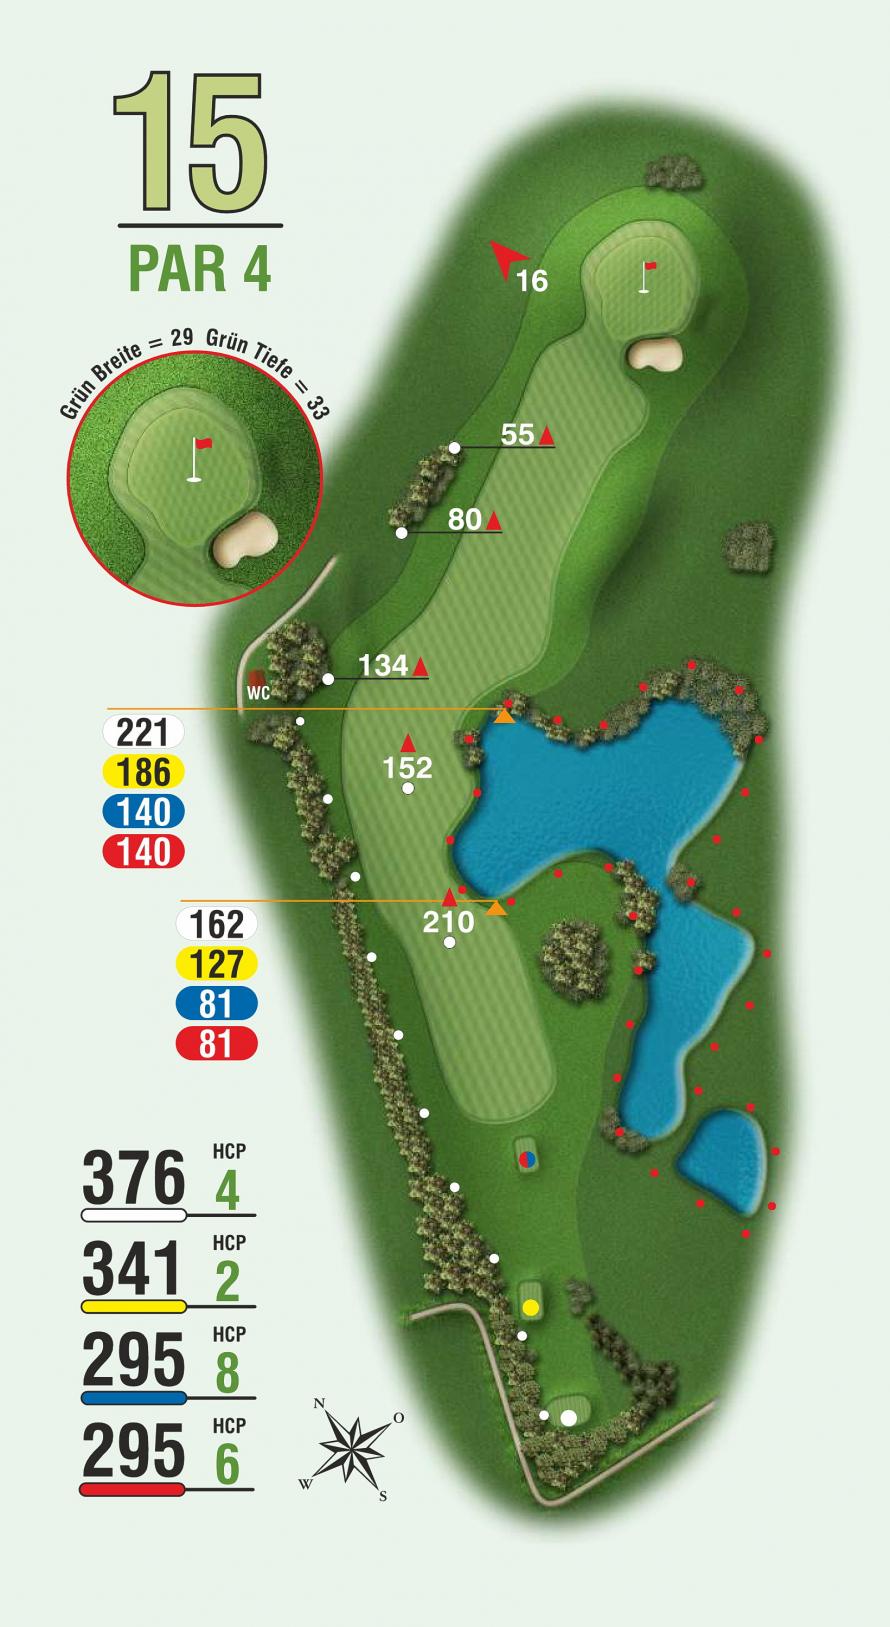 golfbahn 15 par 4 golf club sylt e v. Black Bedroom Furniture Sets. Home Design Ideas